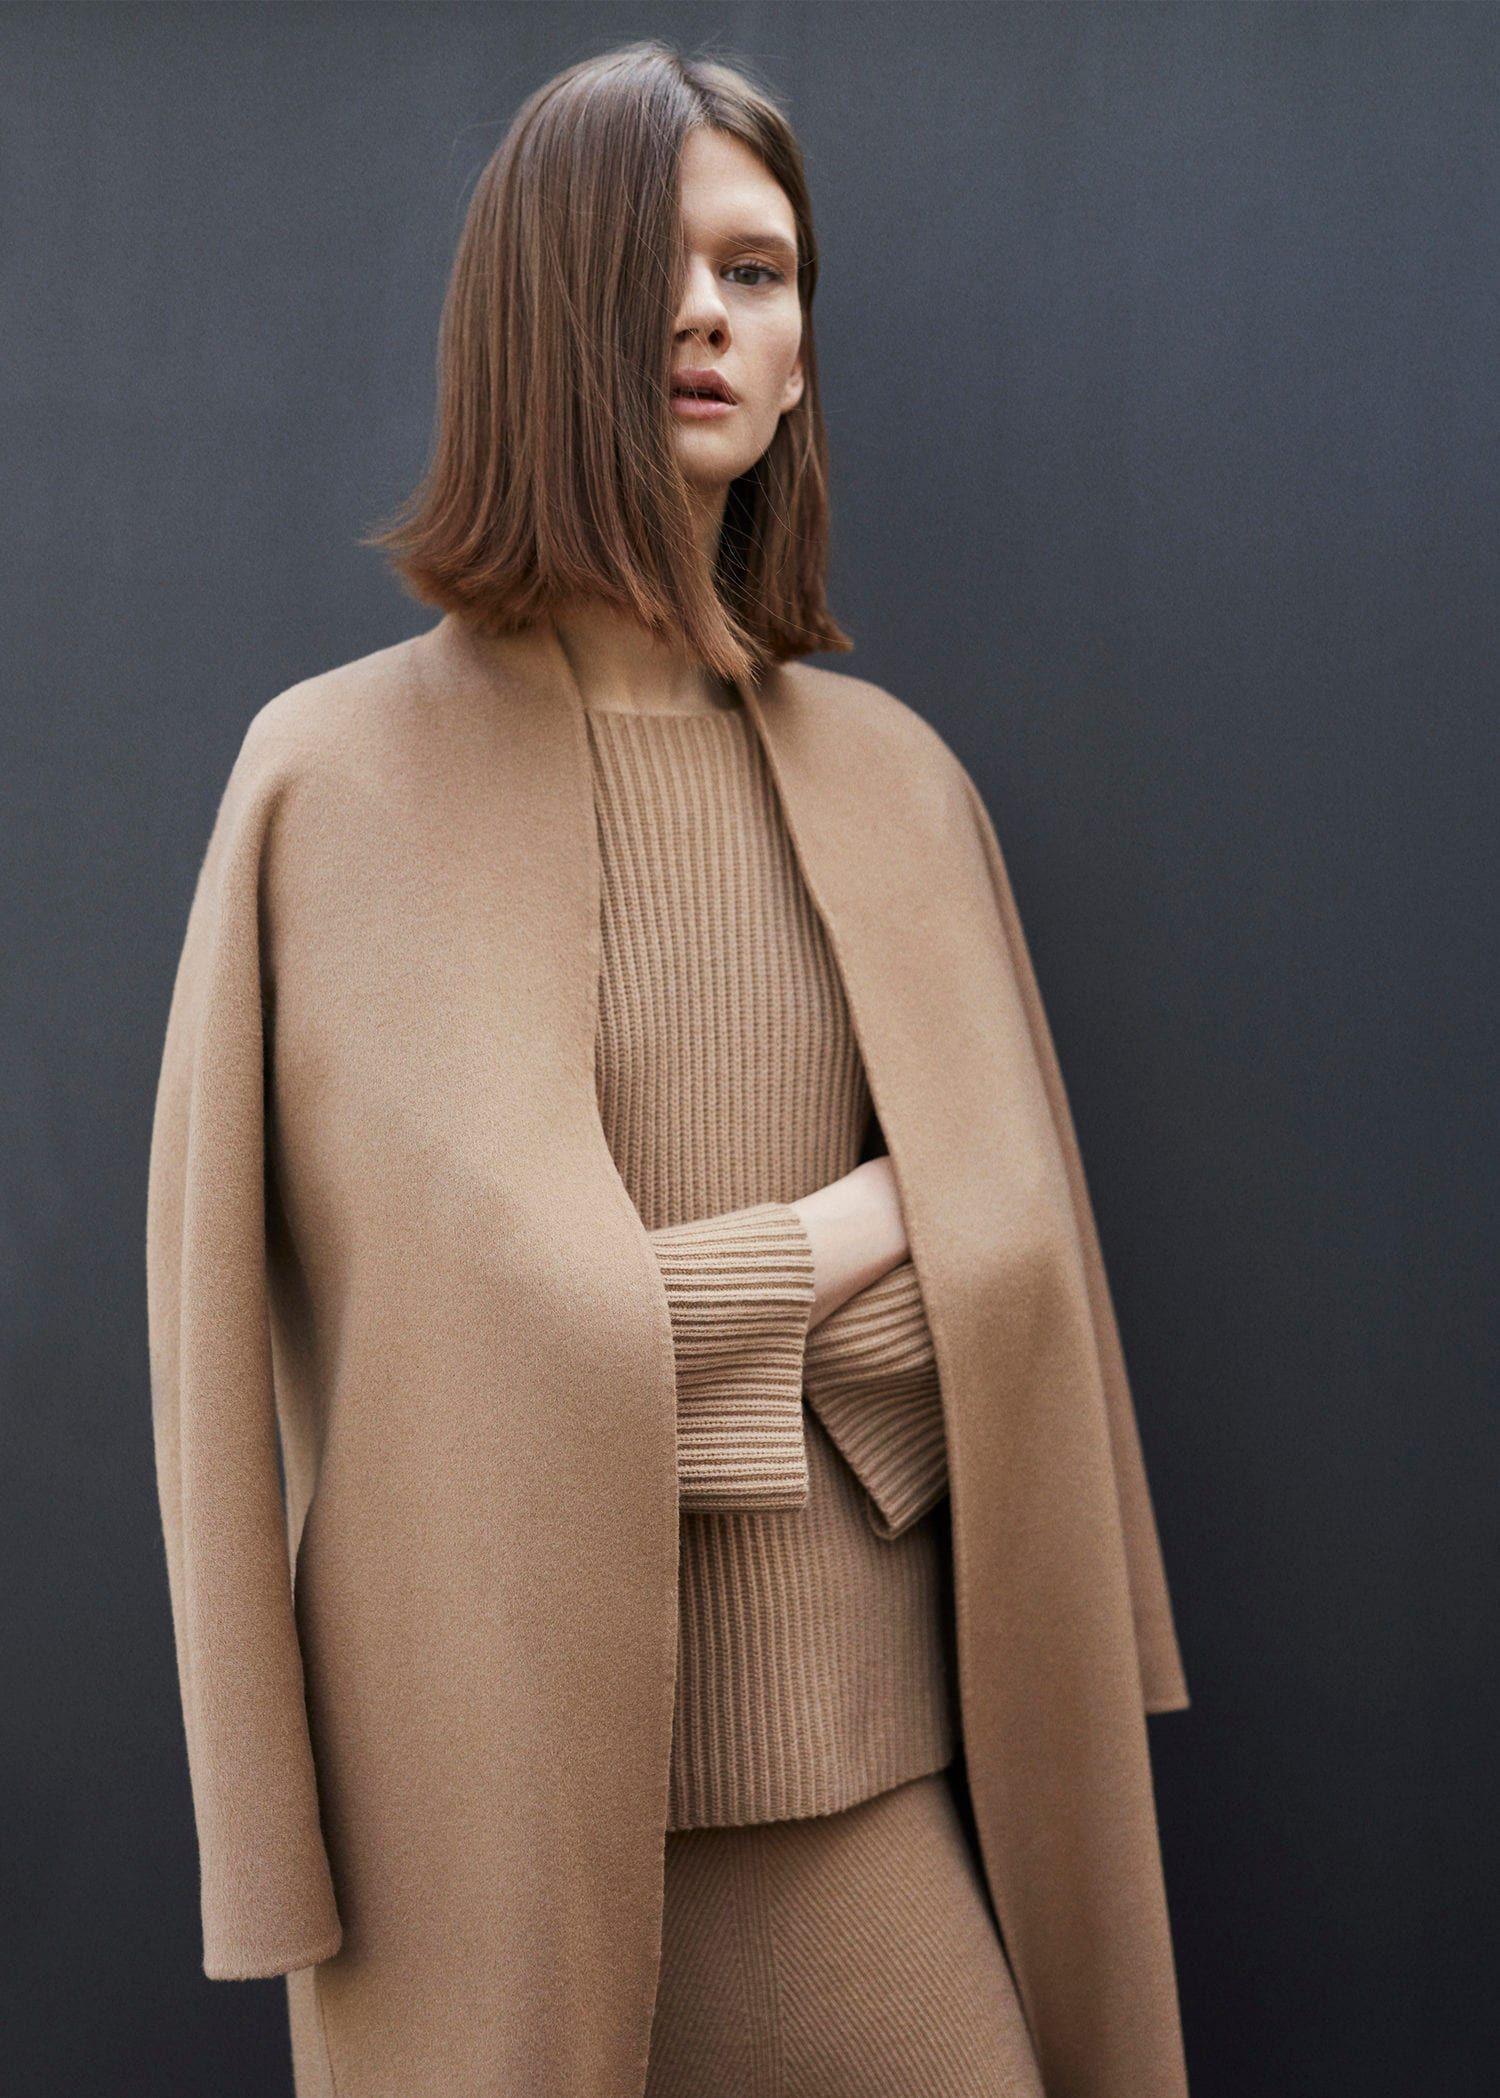 Mantel Aus 100 Kaschmir Damen Cashmere Coat Celebrity Fashion Outfits Cashmere Suit